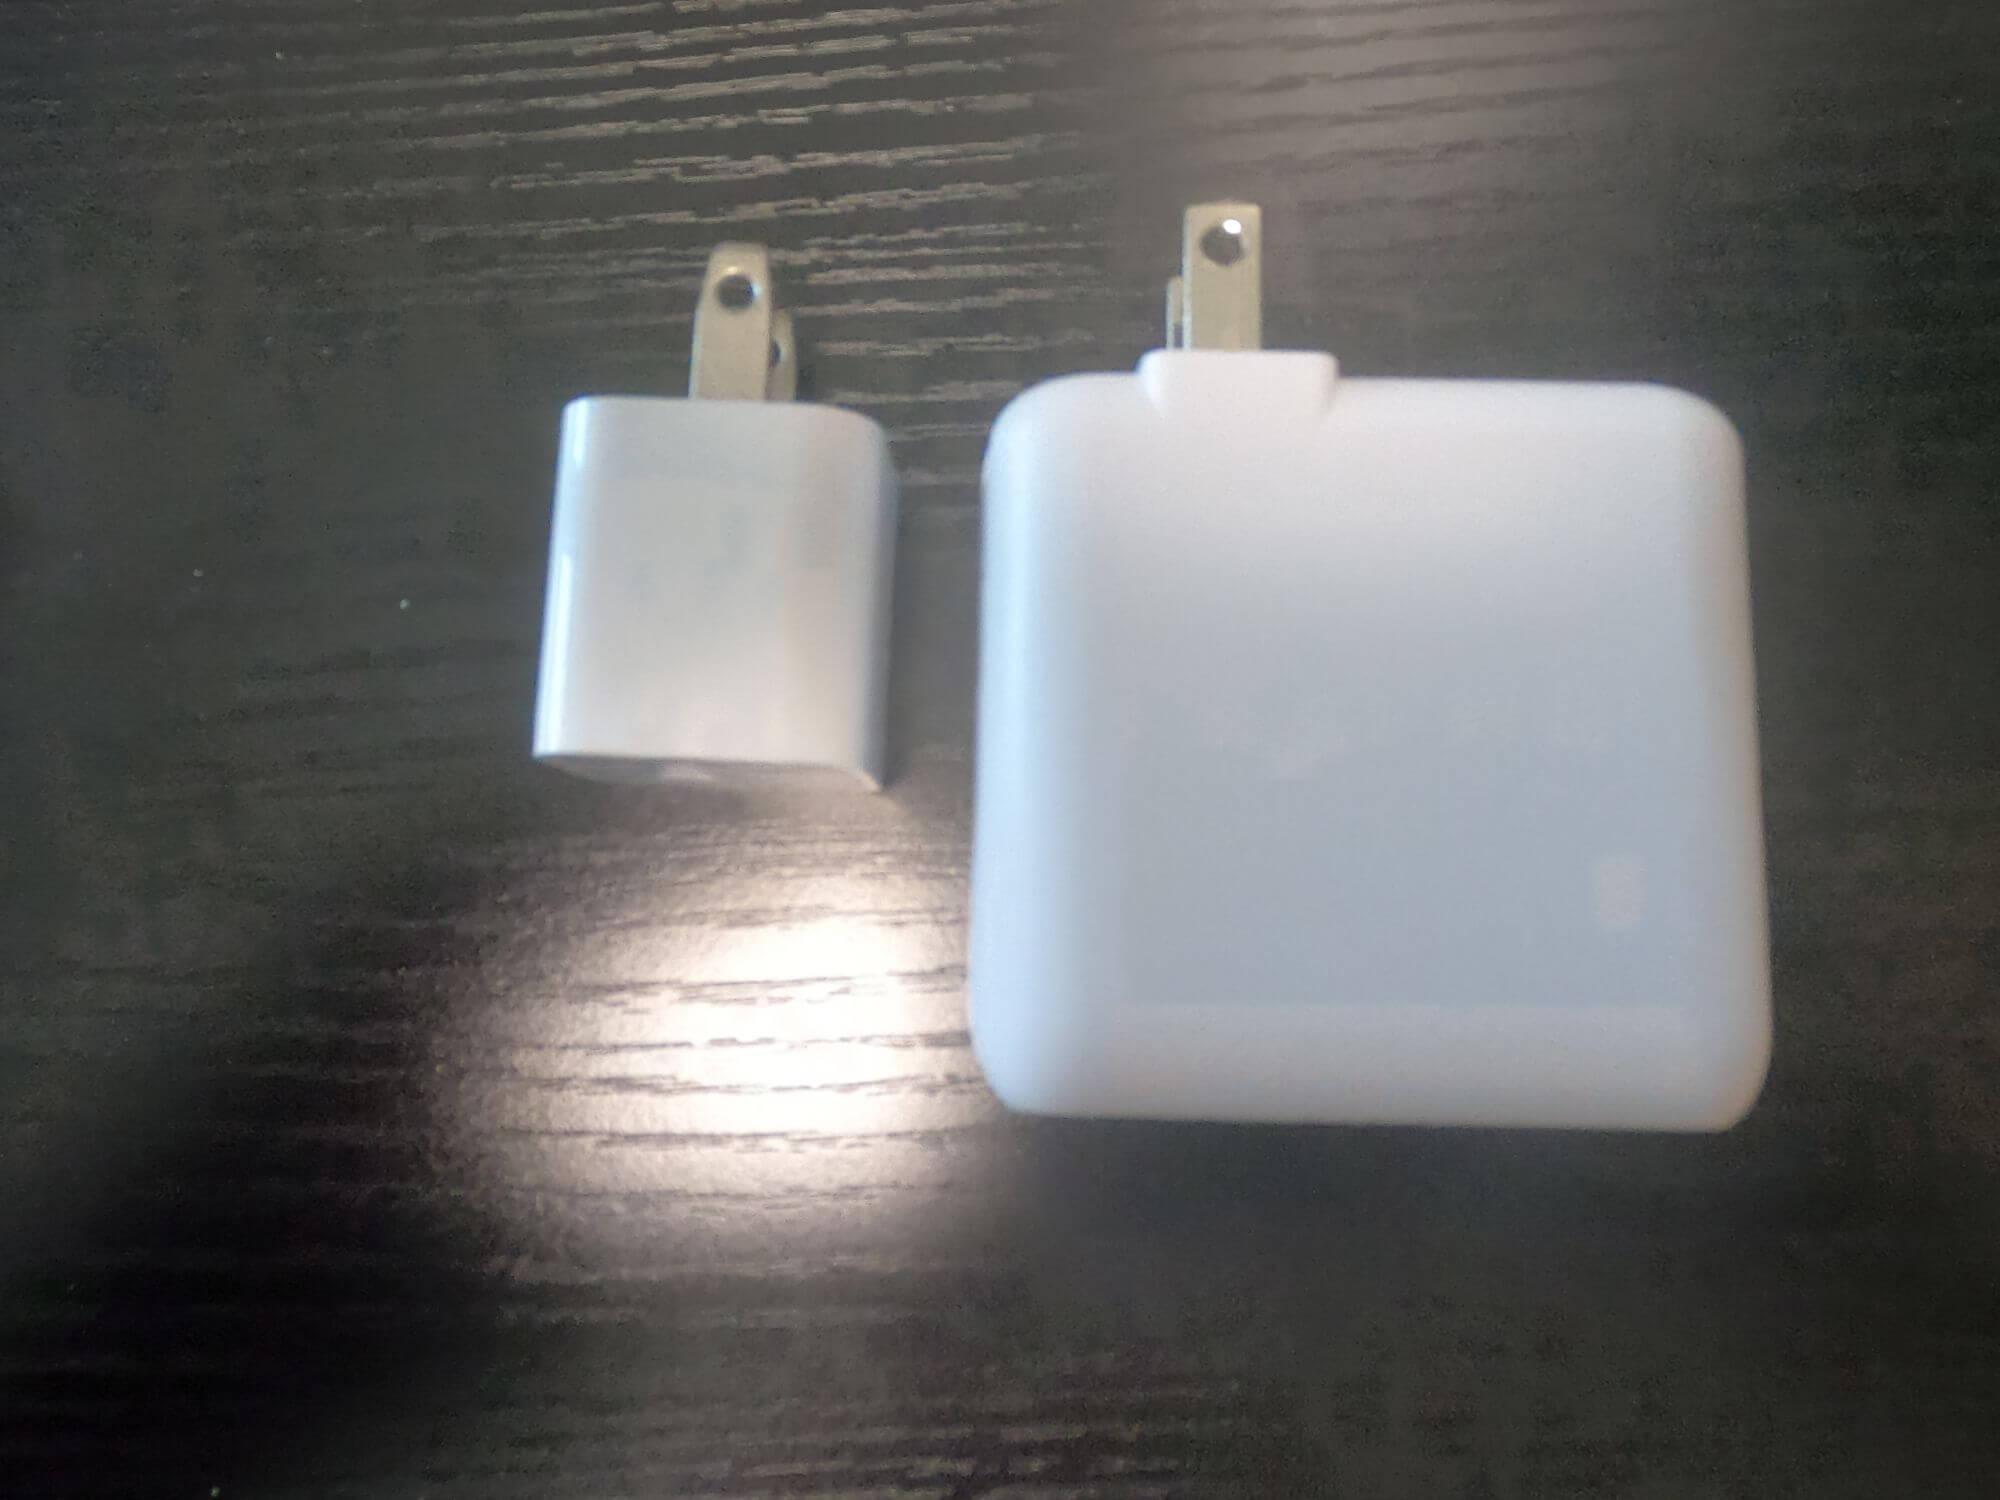 充電器の画像